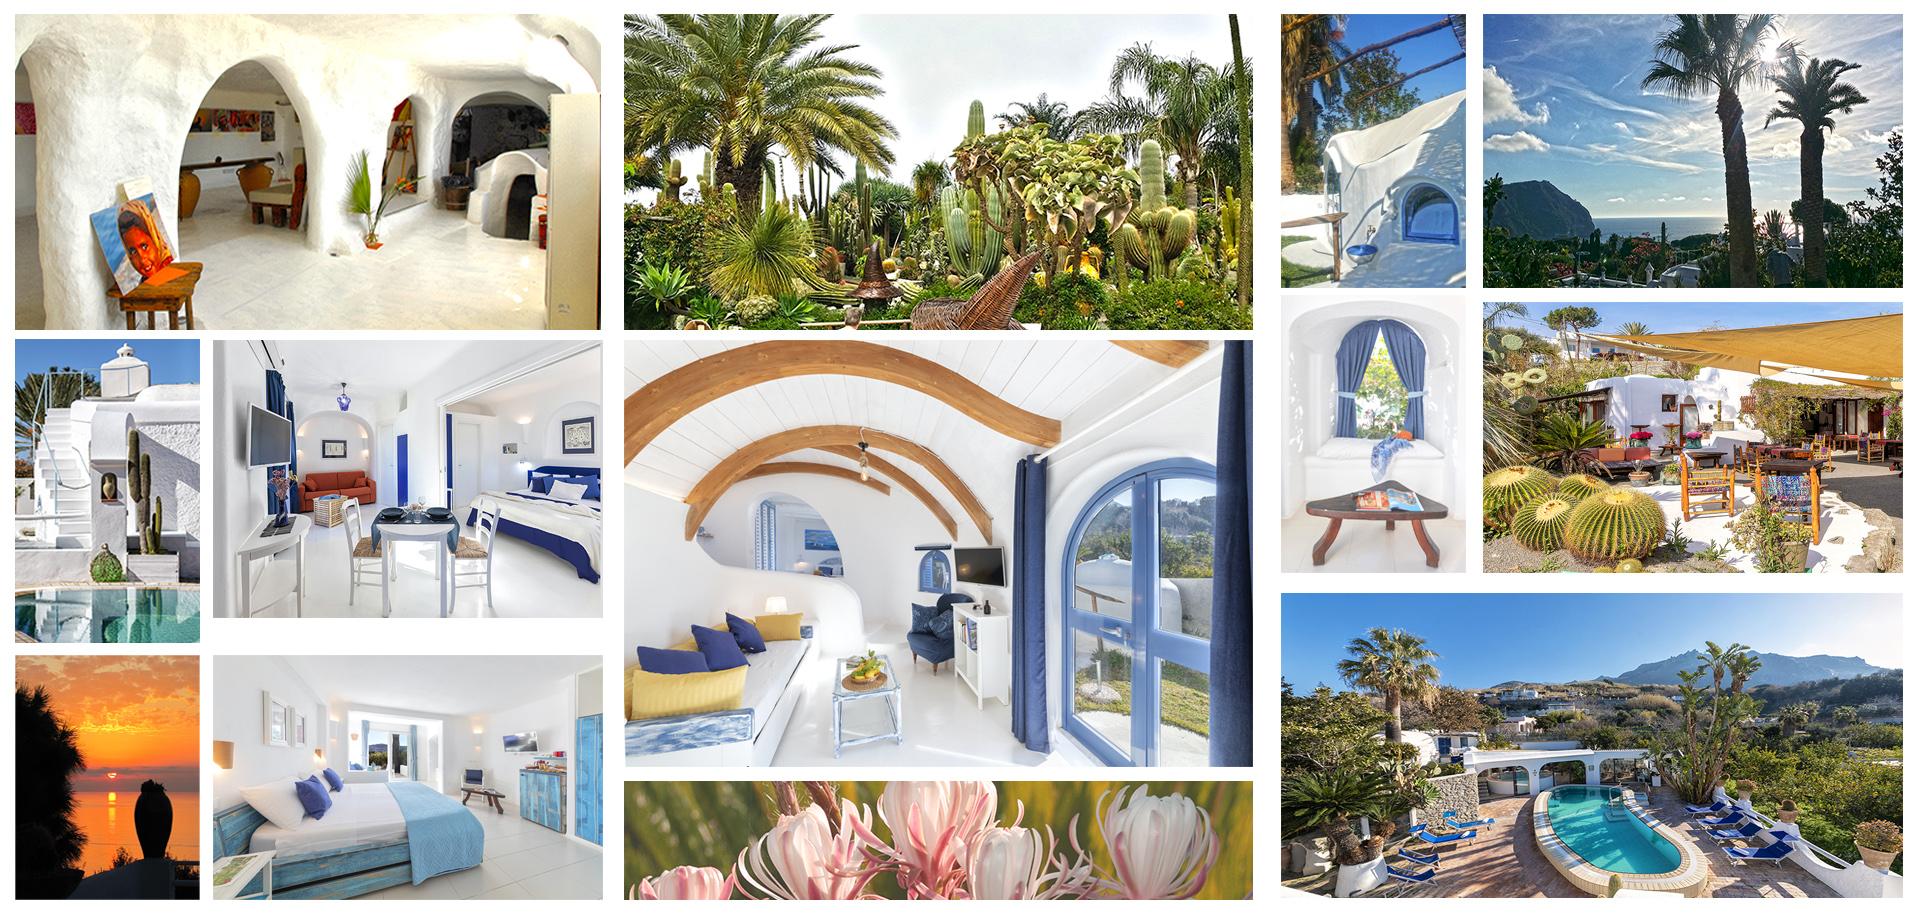 Ischia residence bb offerte speciali soggiorno bb hotel for Soggiorno a ischia